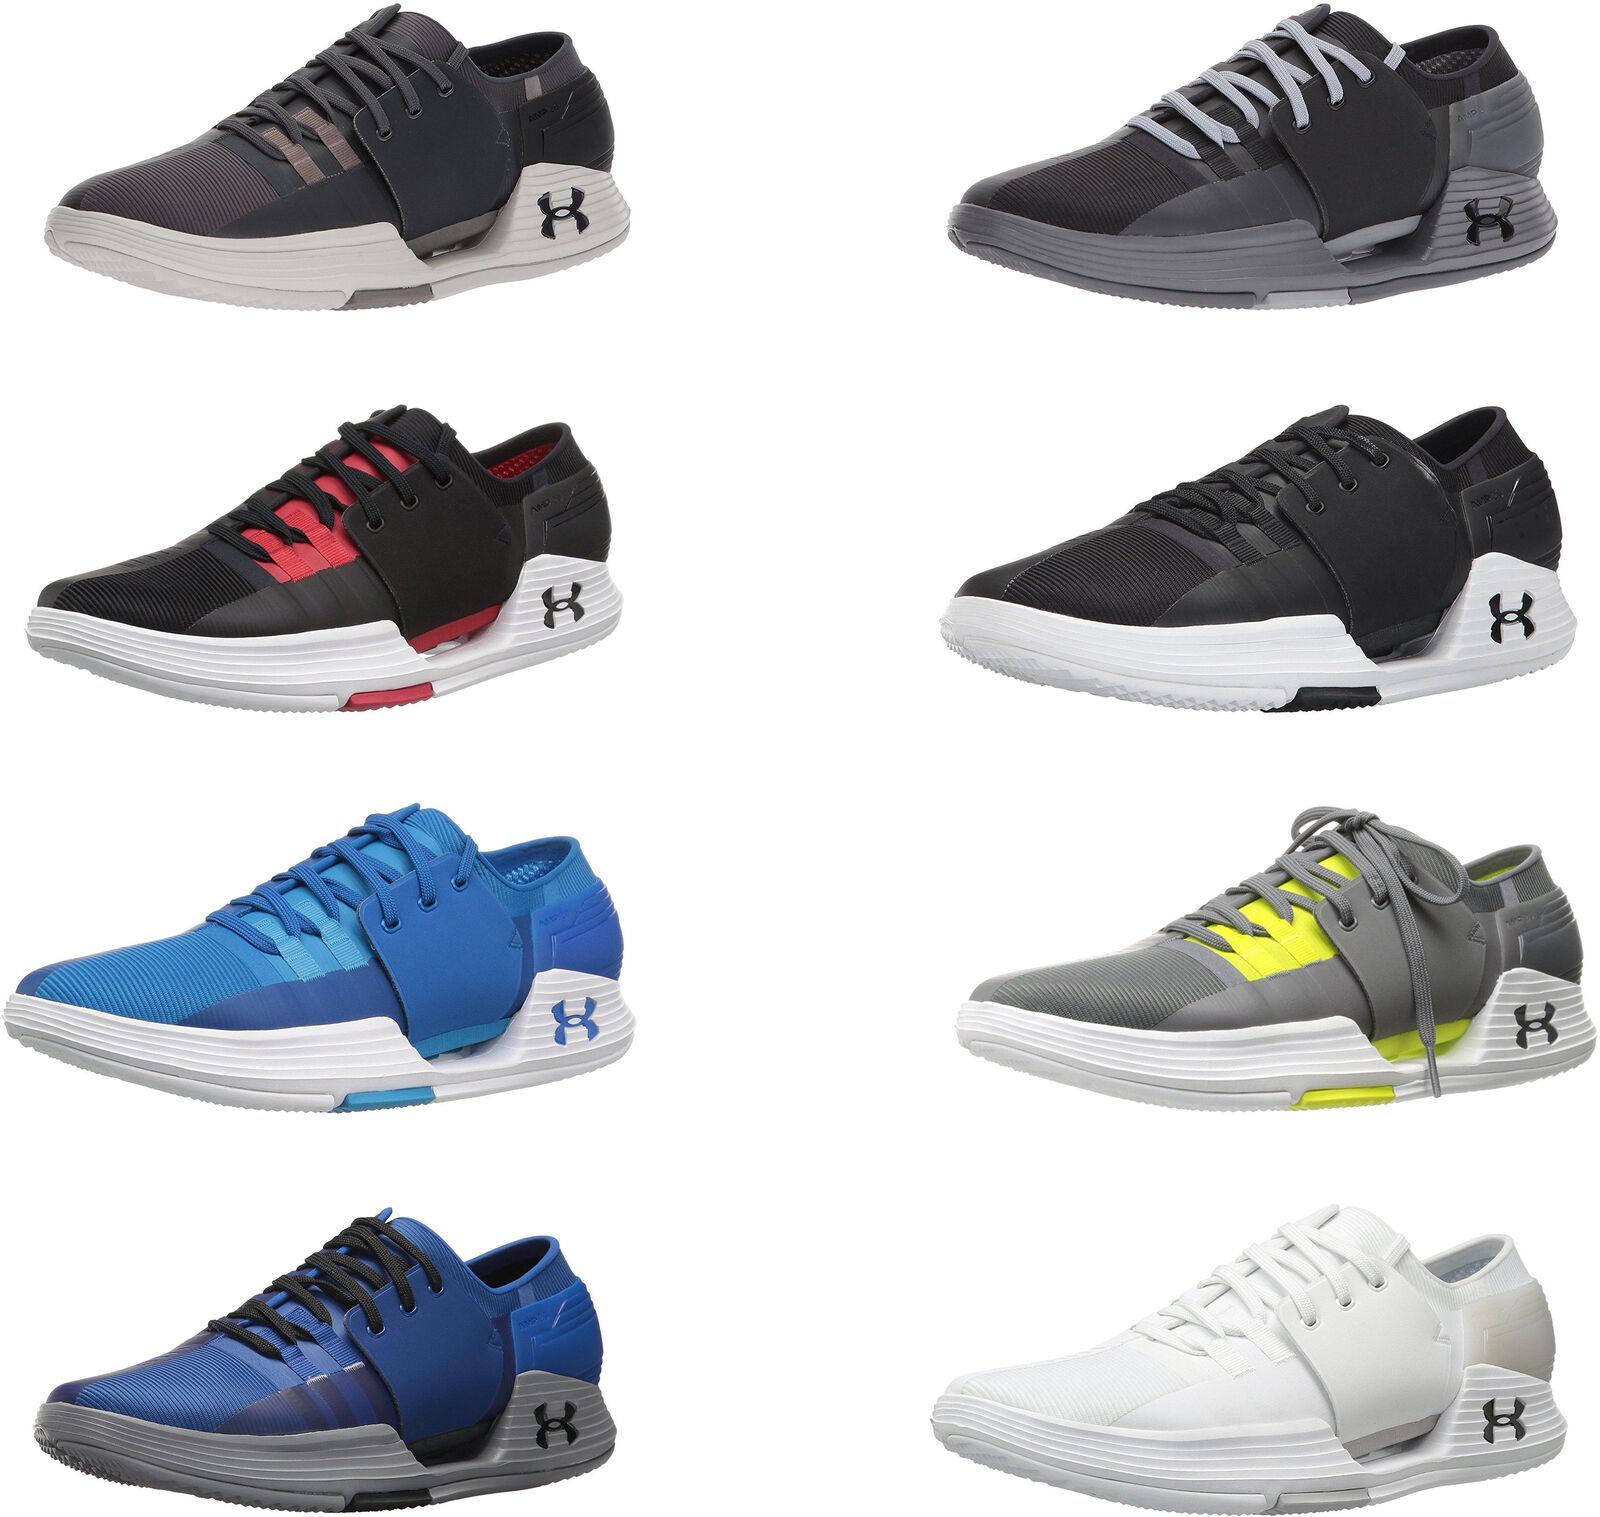 Speedform AMP 2.0 Shoes